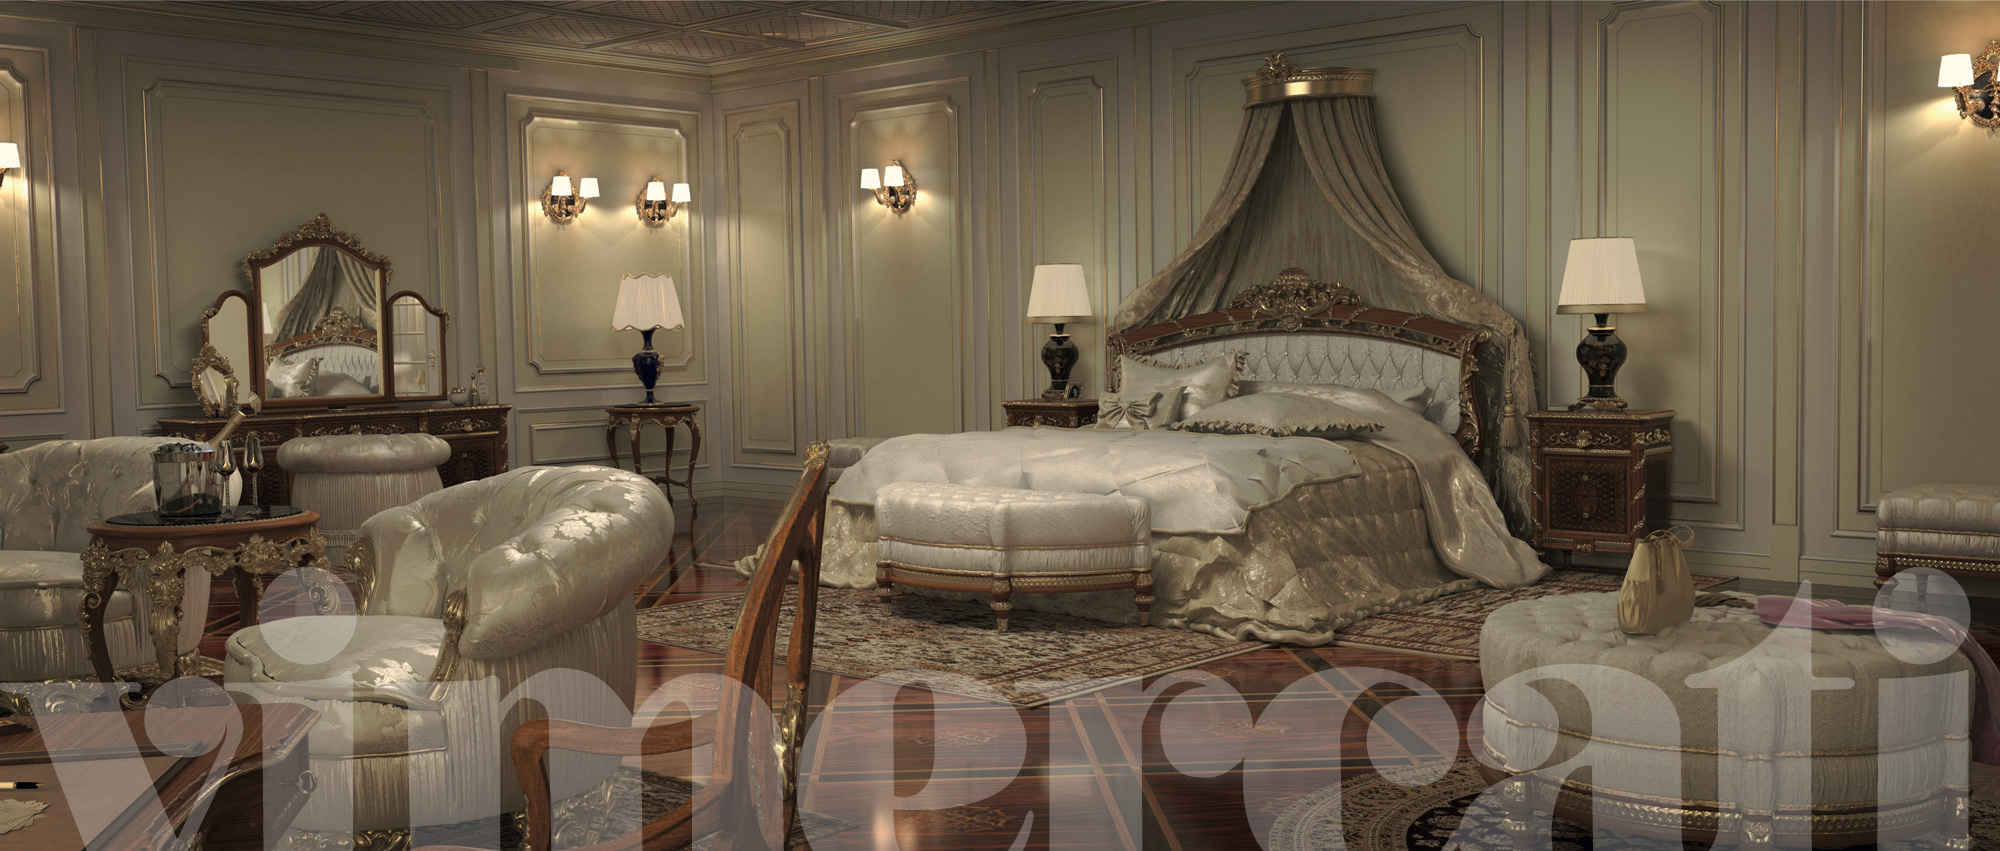 Arredamento classico ville: mobili regali per una camera da letto ...